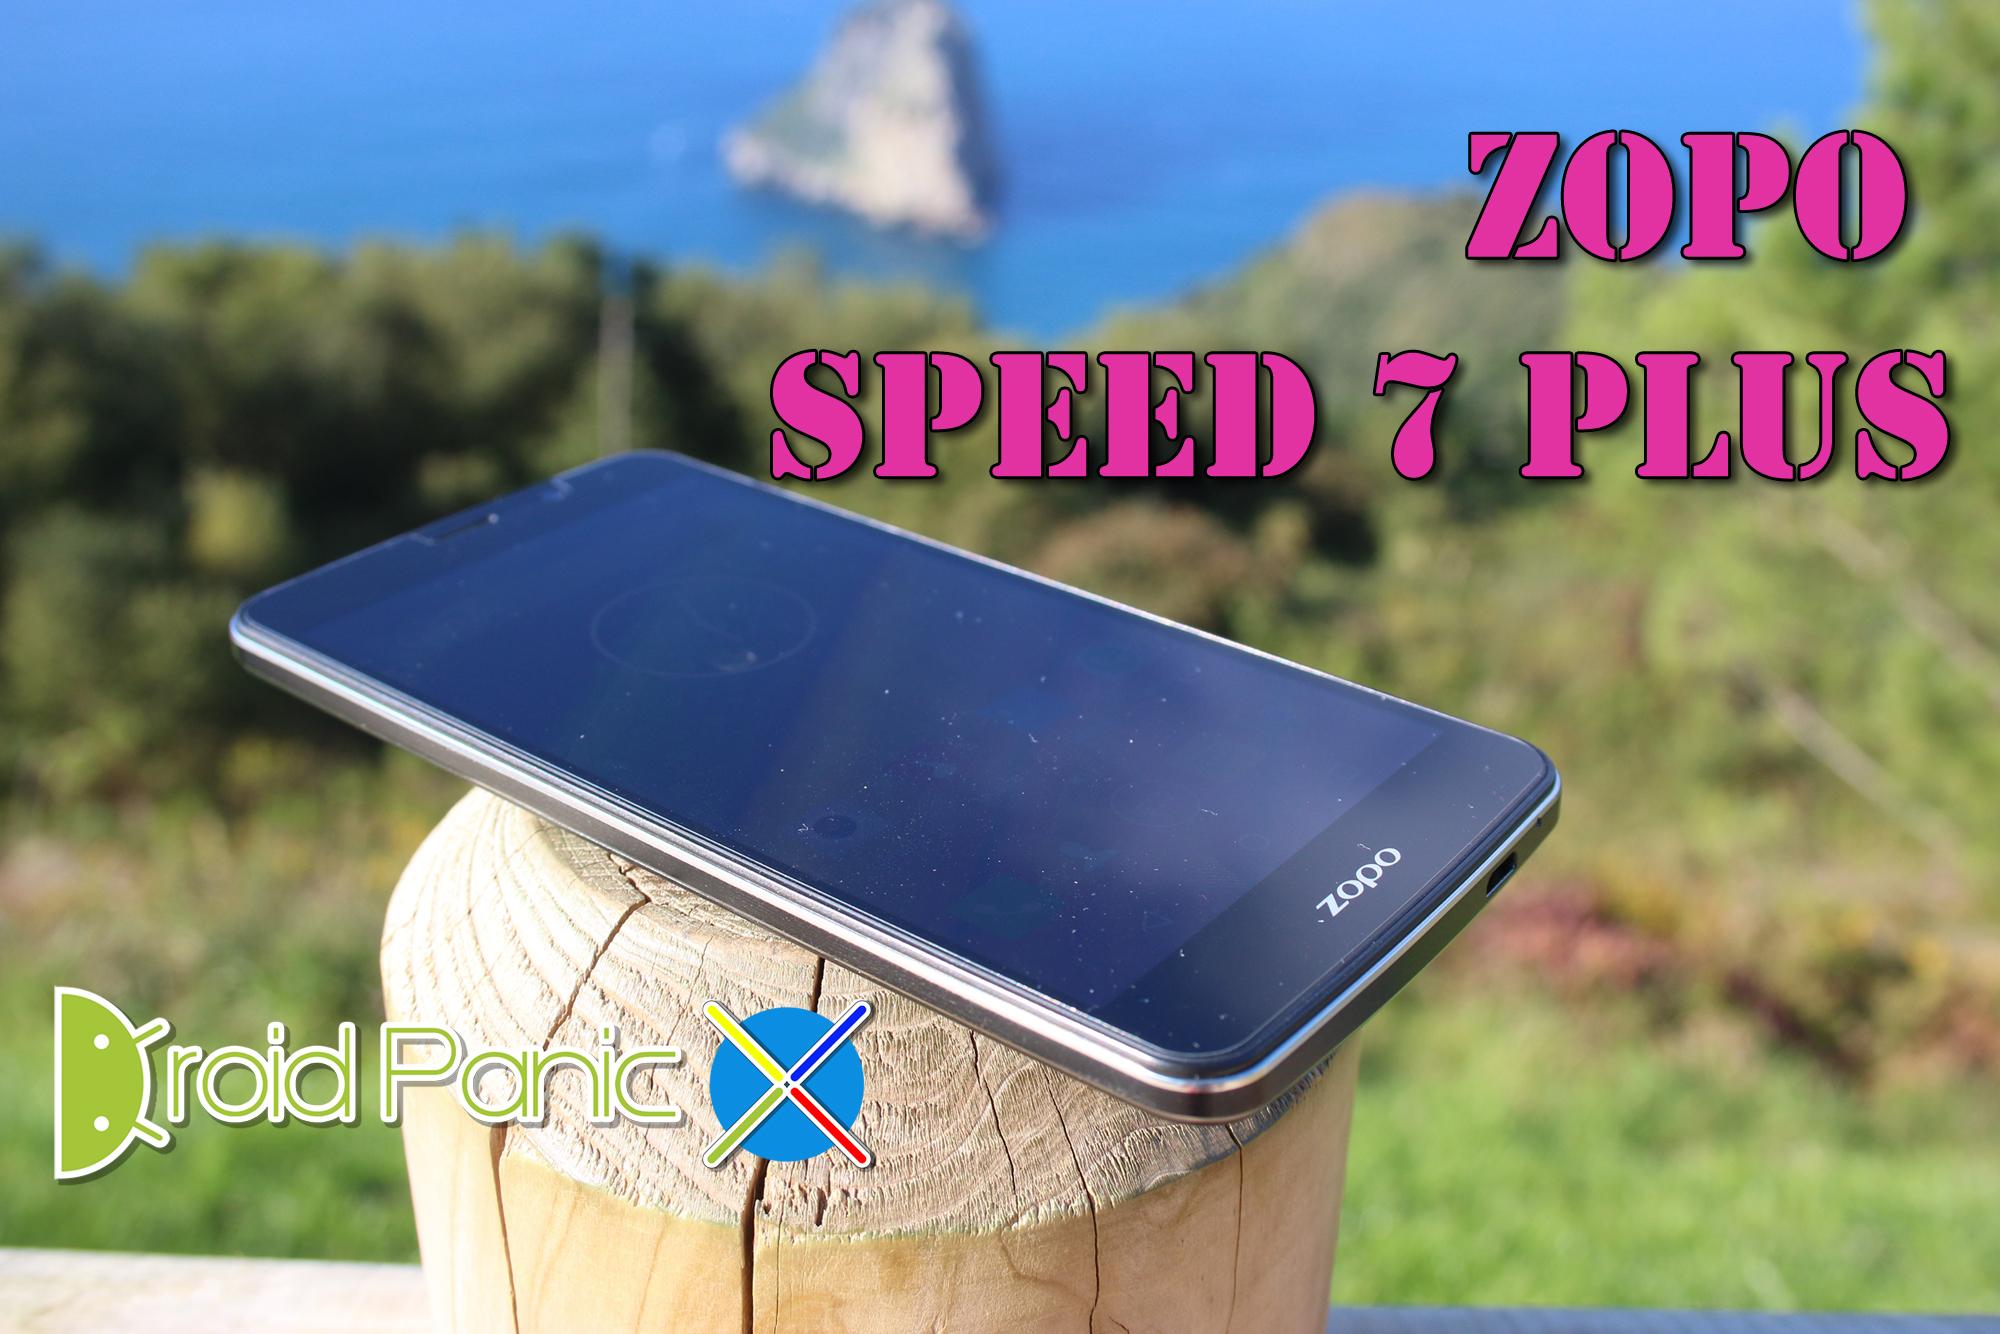 Zopo Speed 7 Plus, análisis en vídeo de un terminal de marca europeizada